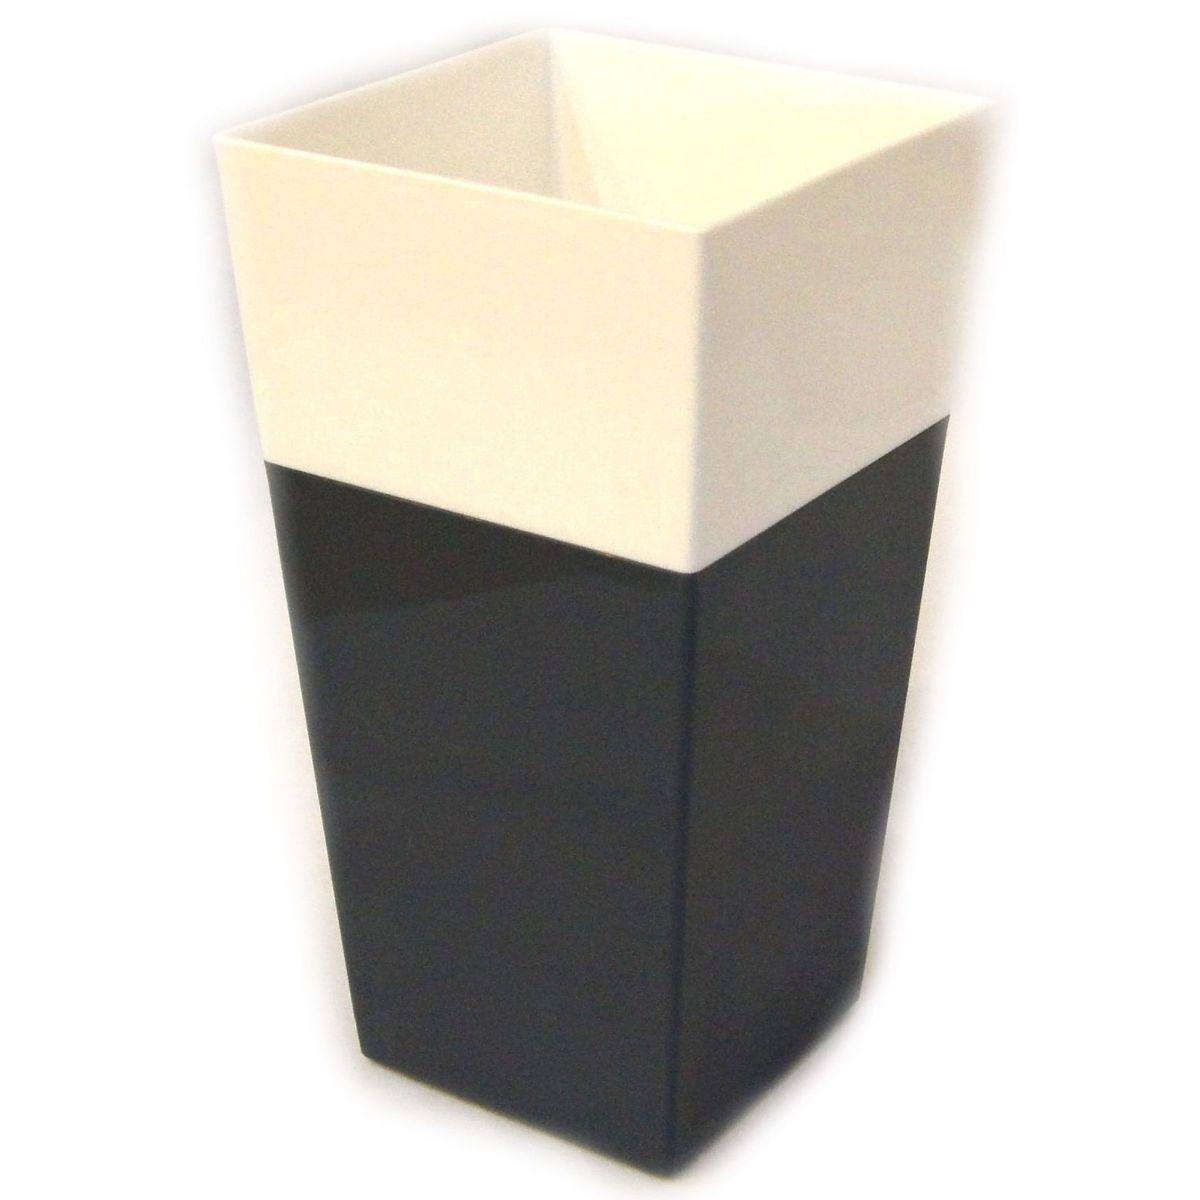 Кашпо JetPlast Дуэт, цвет: антрацит, белый, высота 34 см4612754052608Кашпо имеет строгий дизайн и состоит из двух частей: верхней части для цветка и нижней – поддона. Конструкция горшка позволяет, при желании, использовать систему фитильного полива, снабдив горшок веревкой. Оно изготовлено из прочного полипропилена (пластика).Размеры кашпо: 18 x 18 x 34 см.